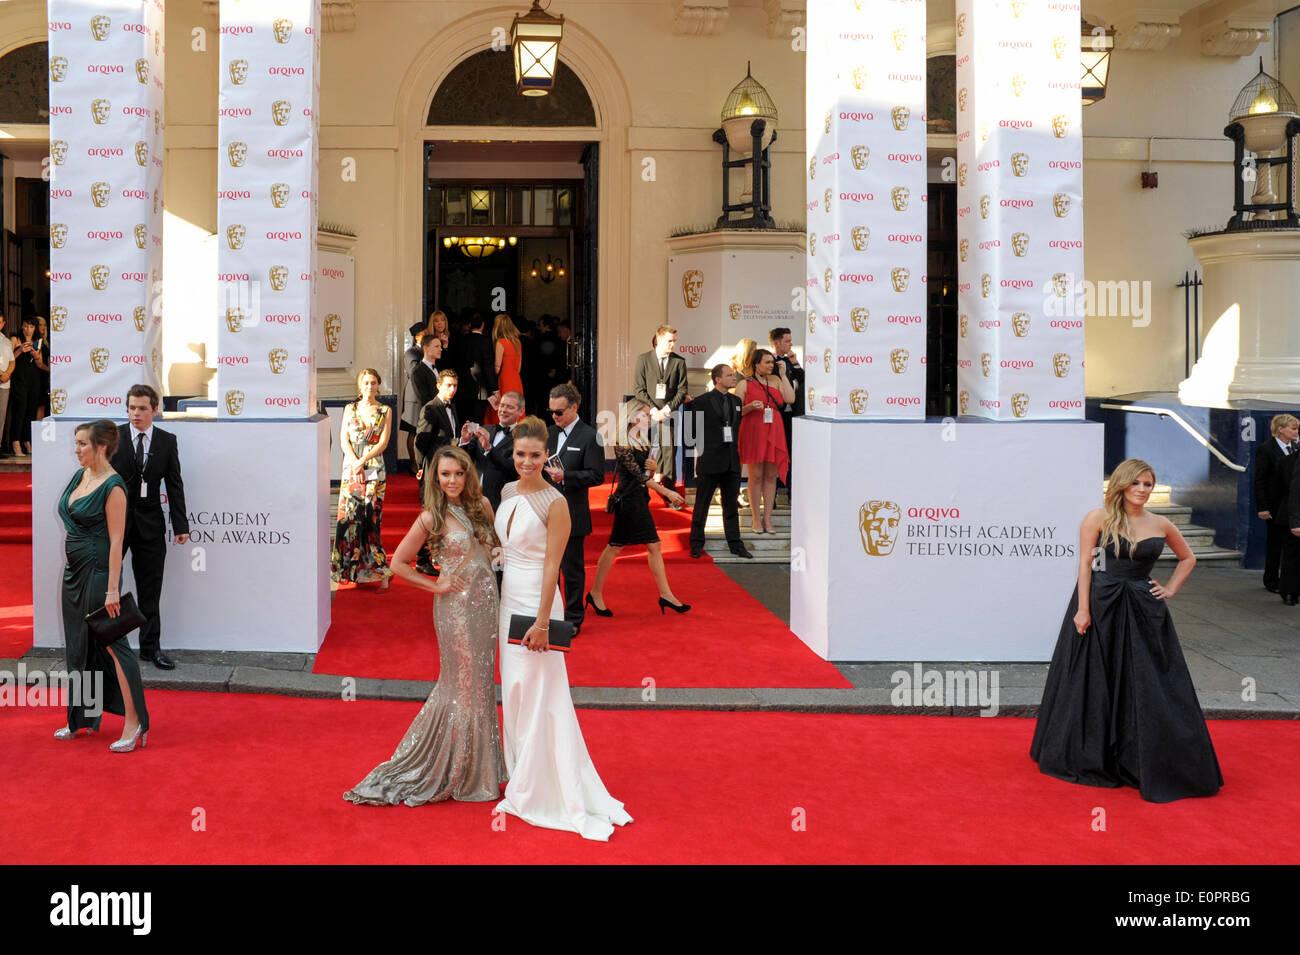 London, UK, 18.05.2014: die Arqiva BAFTA TV Awards Red Carpet Arrivals... Personen im Bild: Michelle Heaton. Bild von Julie Edwards Stockbild